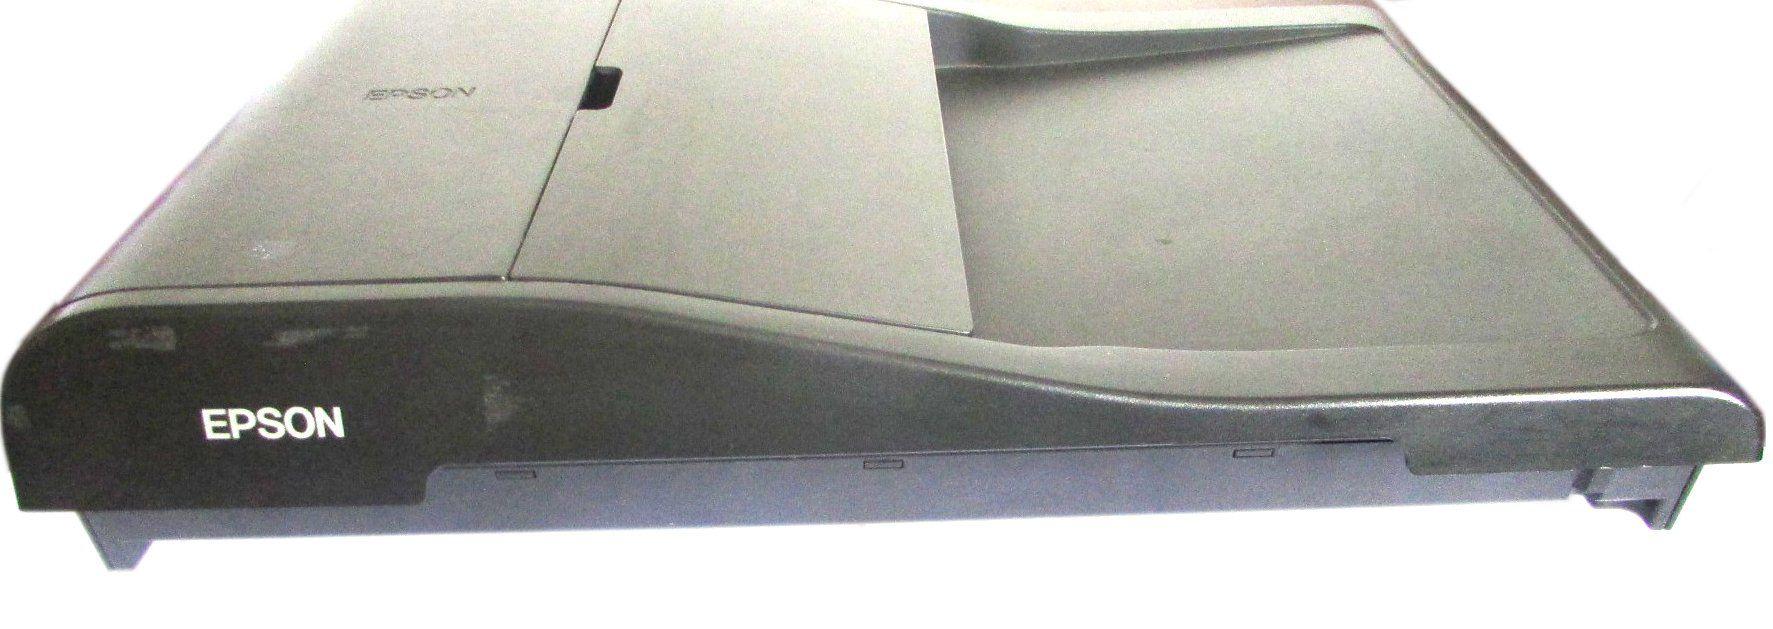 Módulo Adf Completo Com Modulo Scanner Epson Tx300f (semi novo)